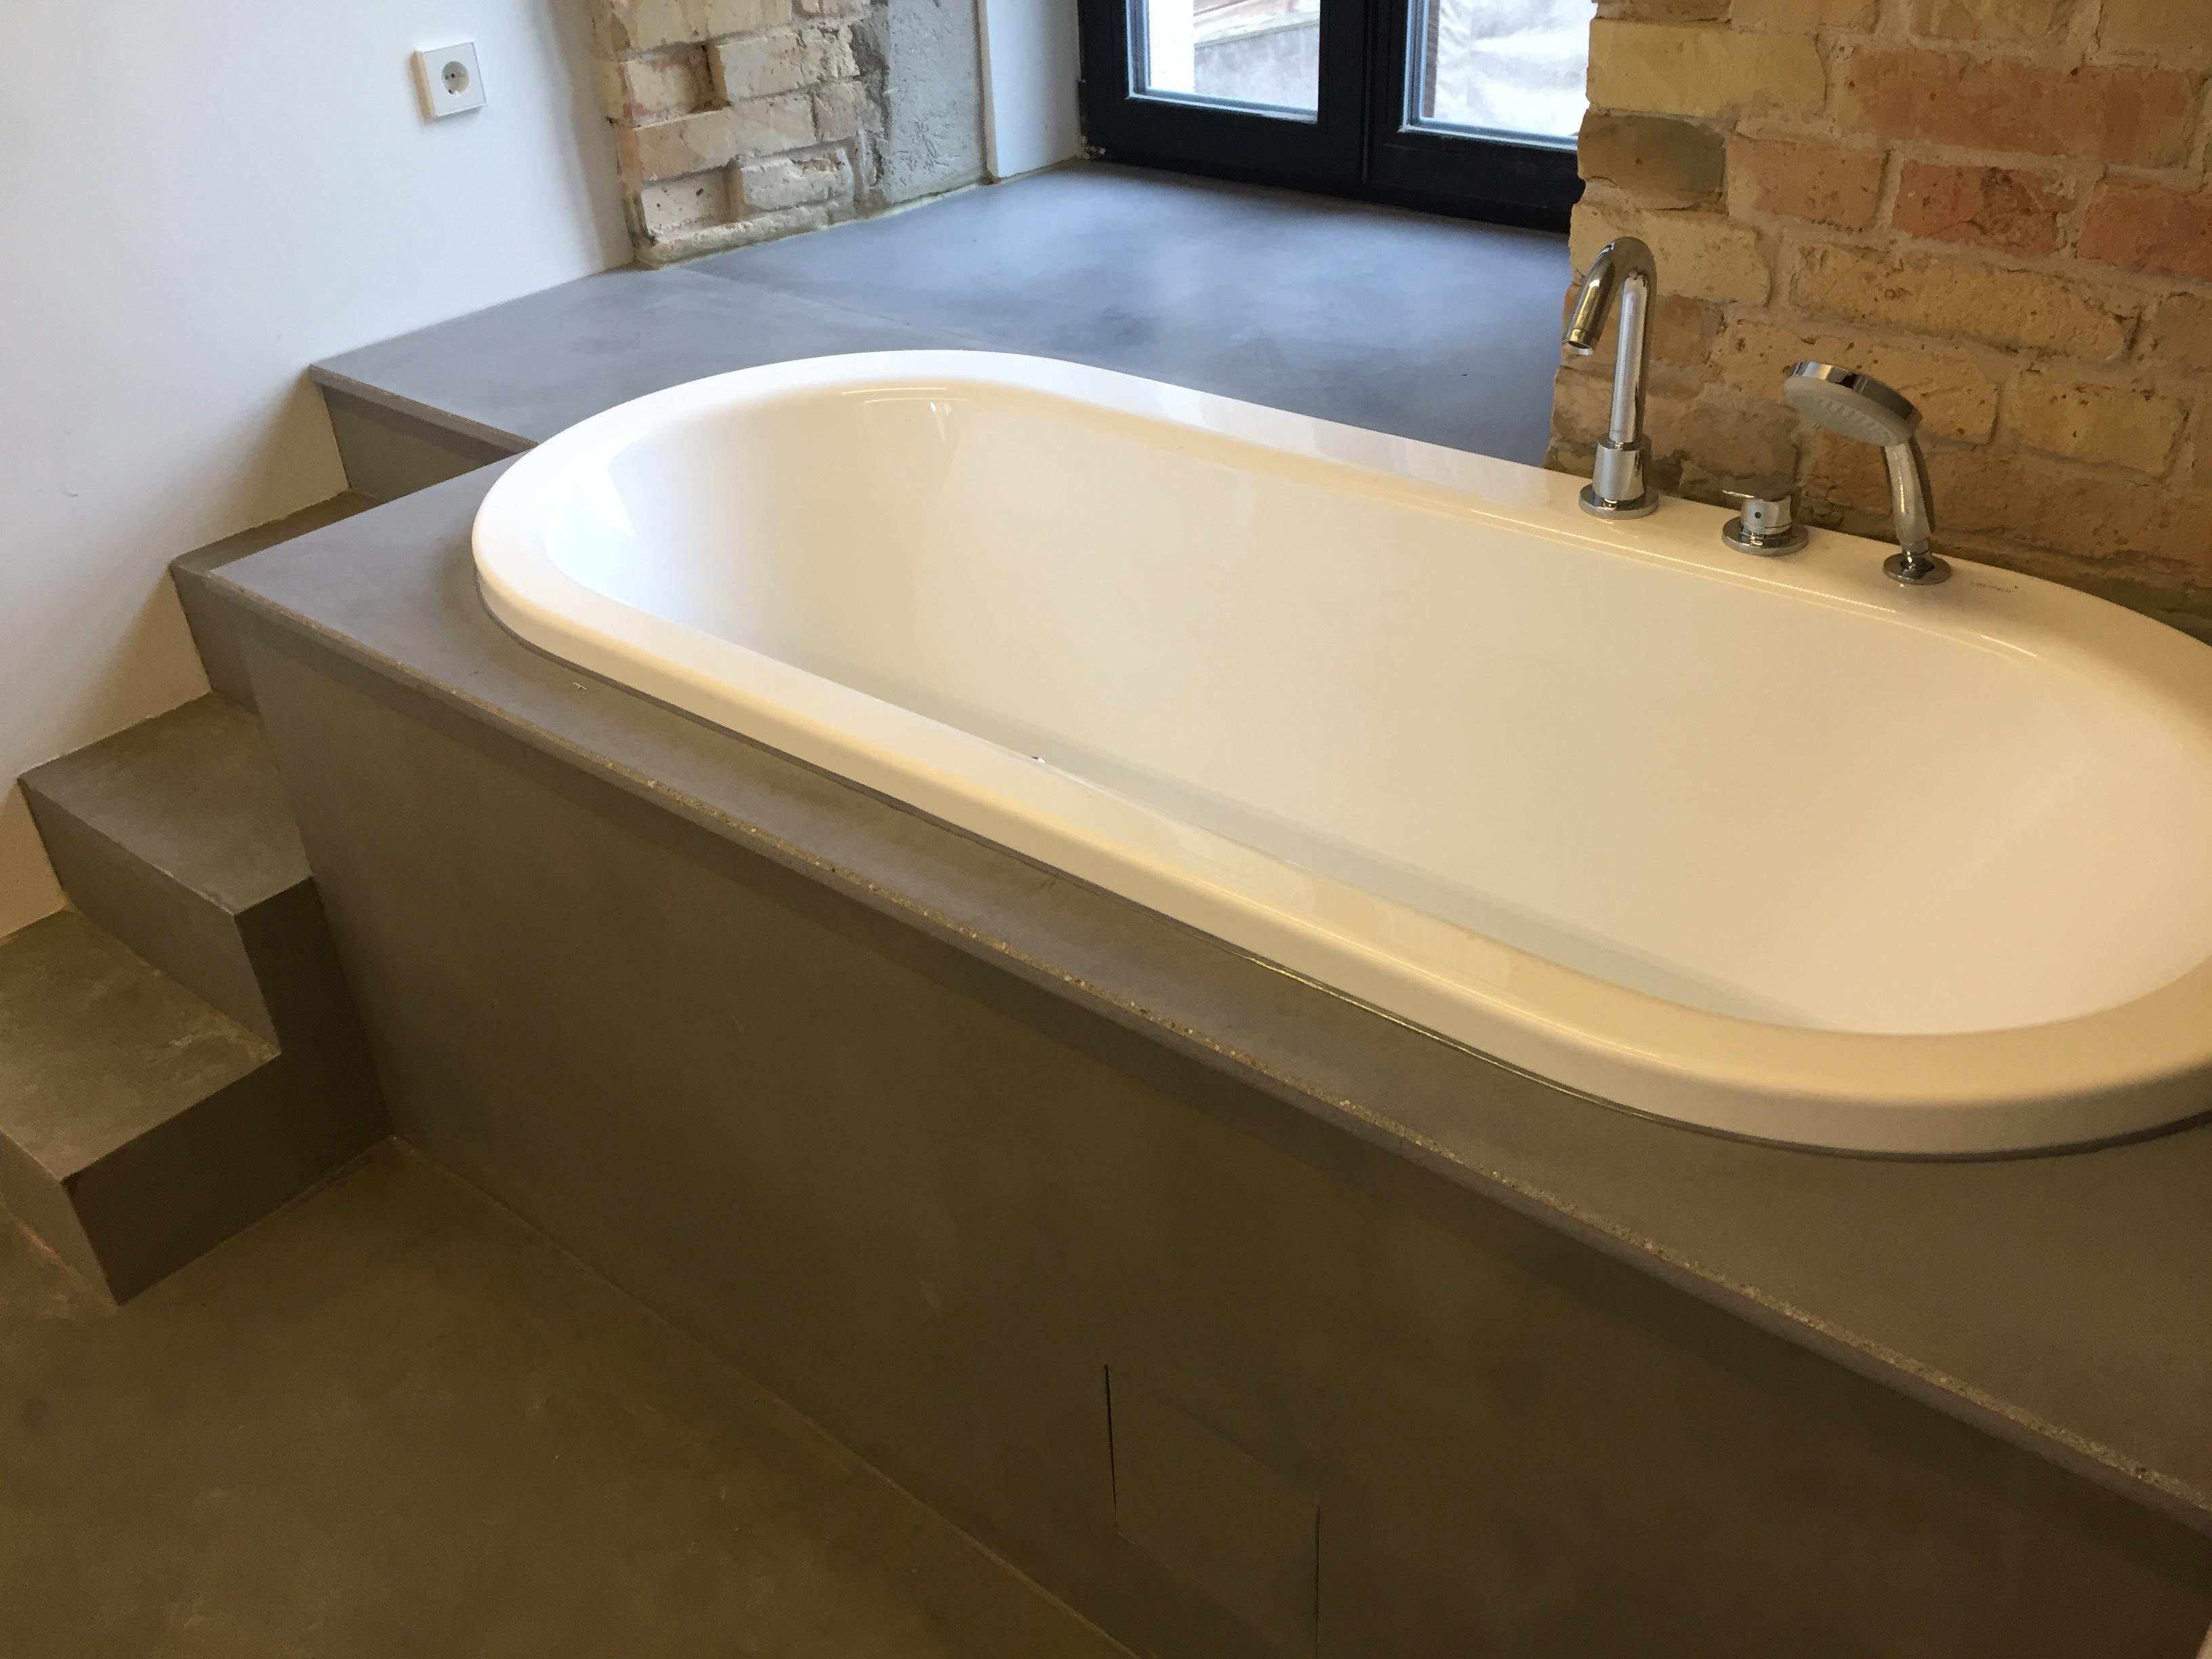 Betoninė vonios apdaila Storis - 20mm Paviršius natūralus, impregnuotas